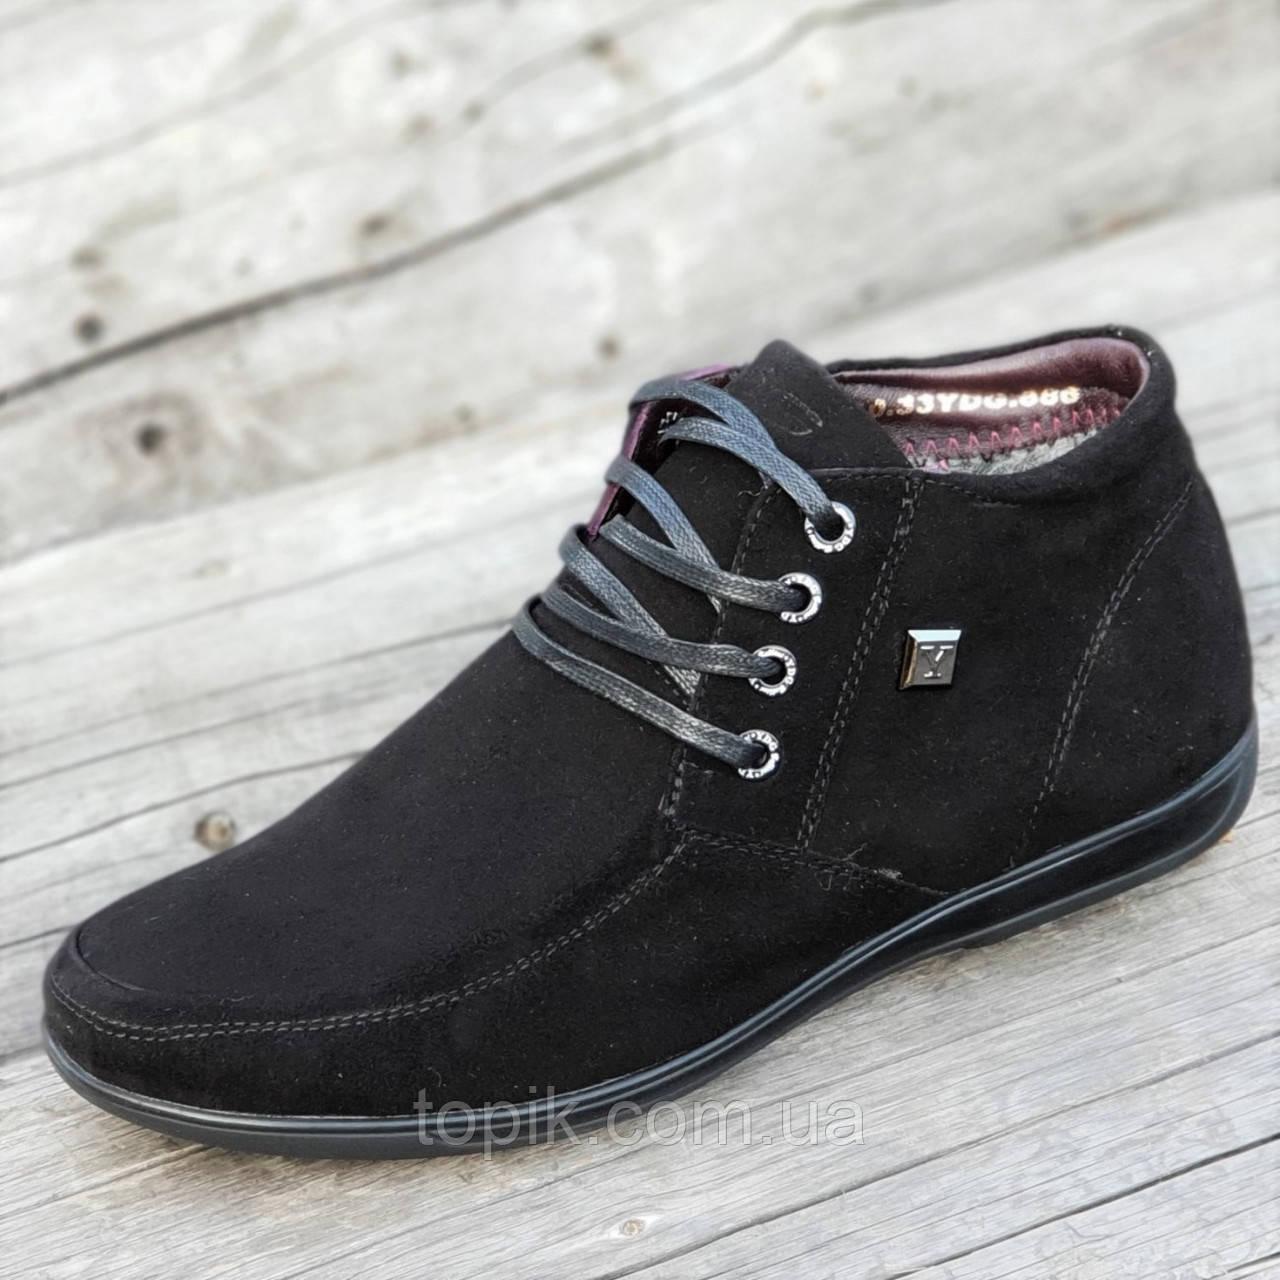 e207e2a32 Мужские зимние классические мужские ботинки, полуботинки черные стильные  натуральная замша и мех (Код: